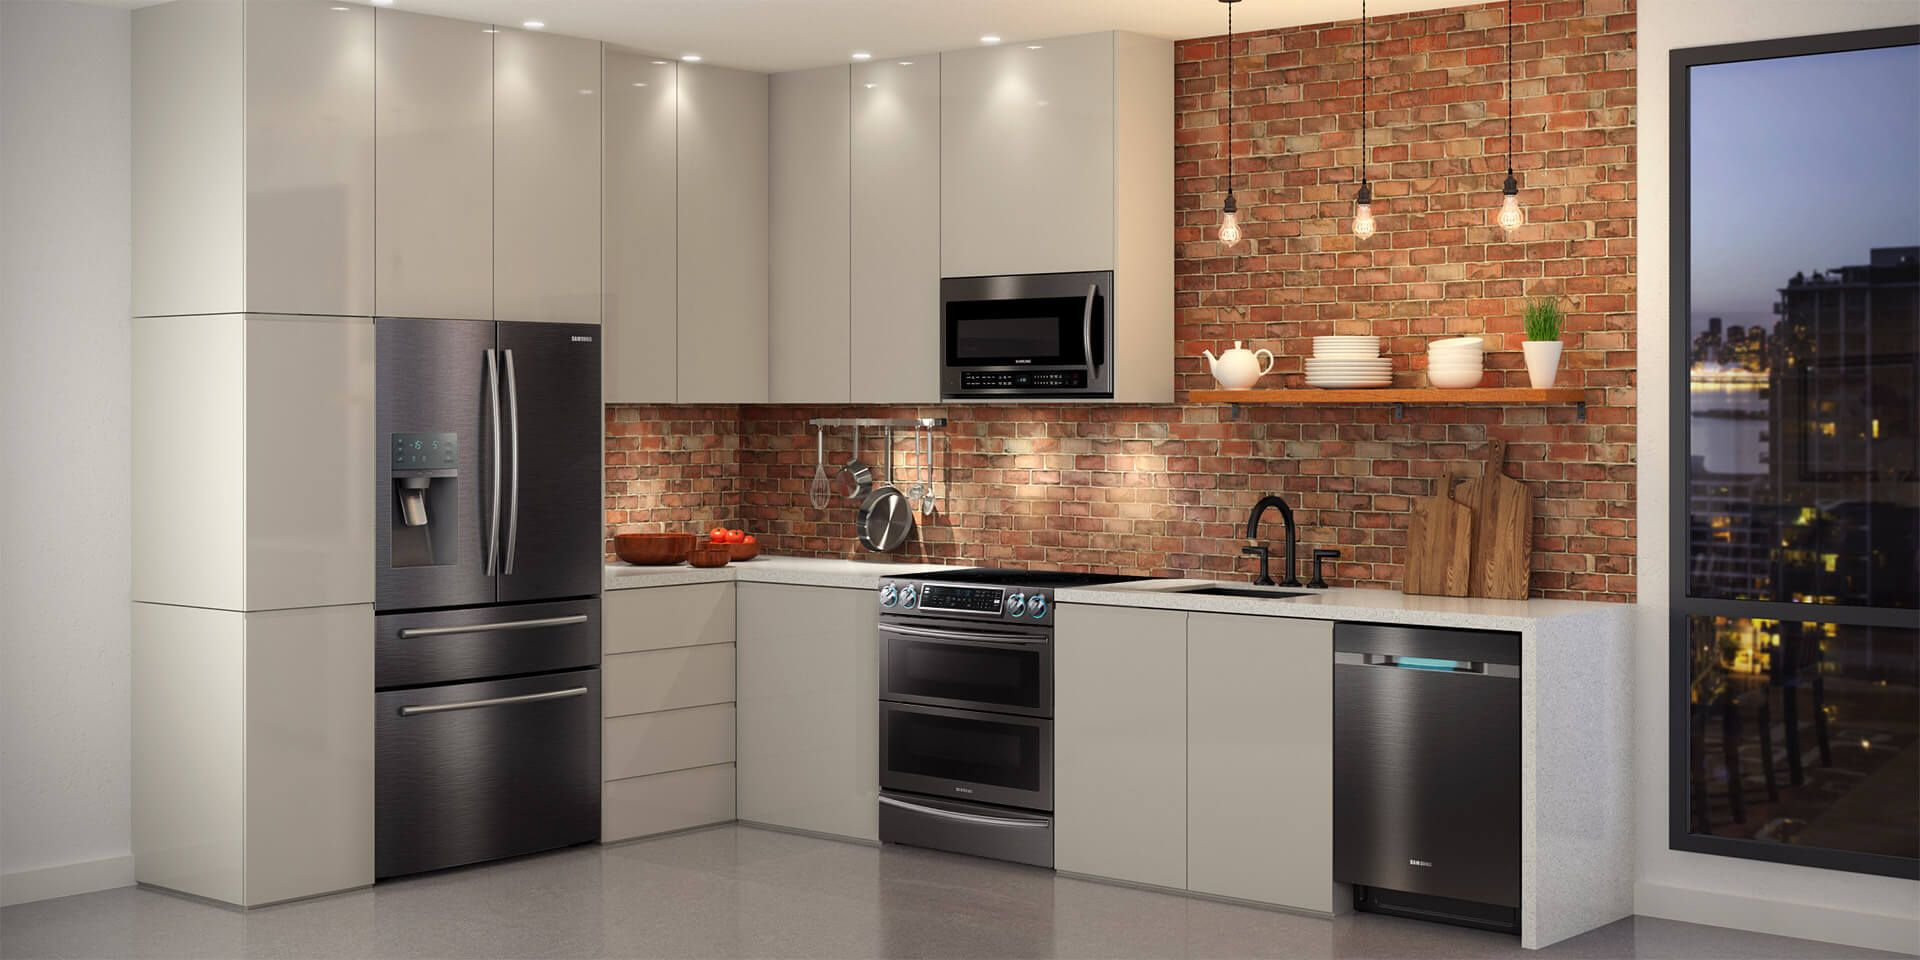 Cuisine Inox Noir Samsung Chef Collection Small Kitchen Organization Kitchen Remodel Kitchen